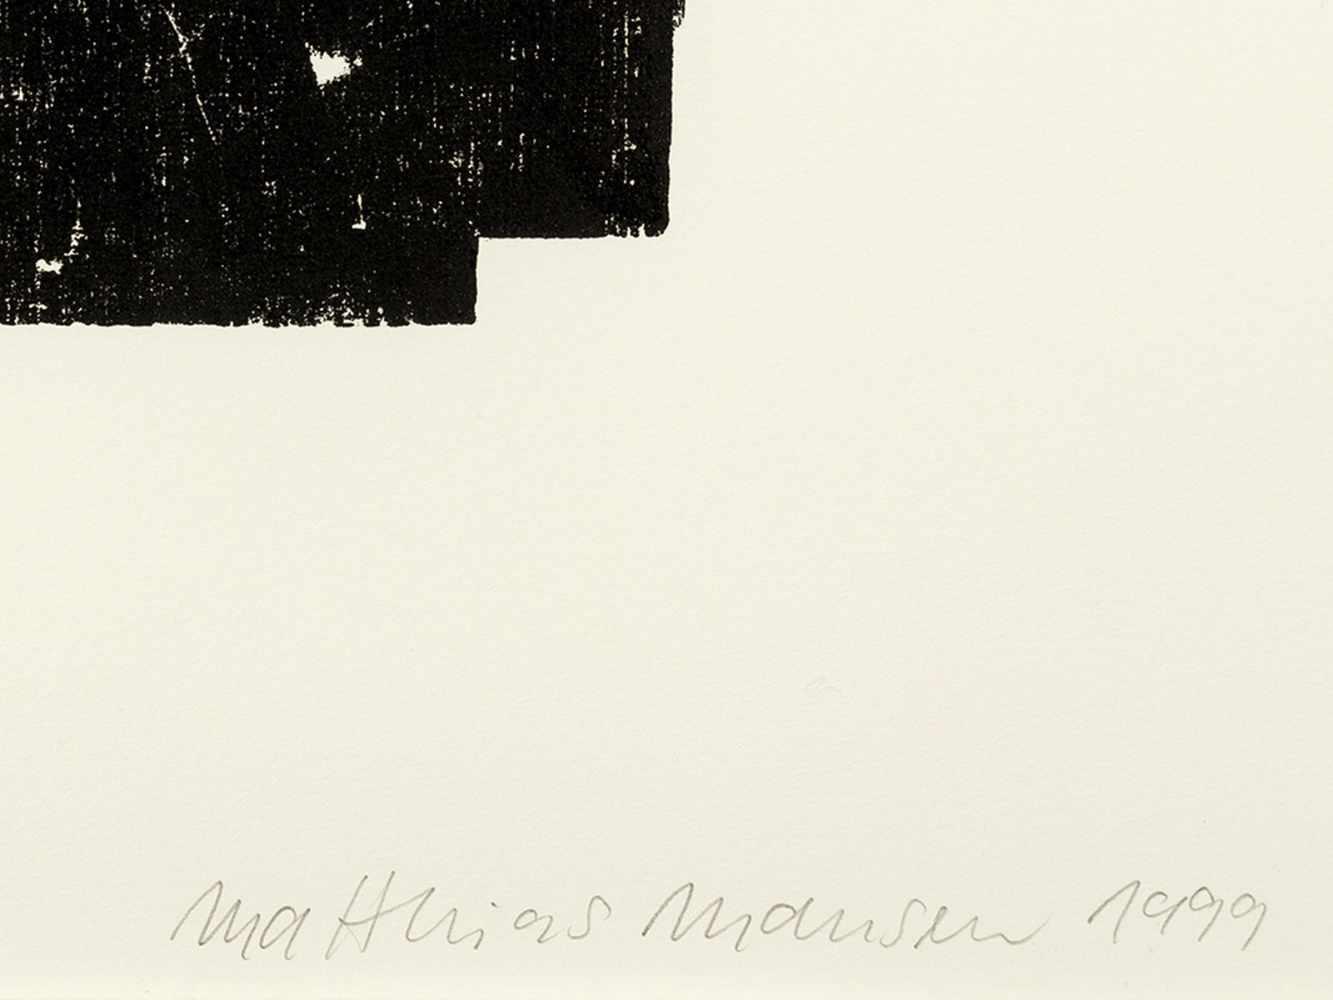 Matthias Mansen (b. 1958), G.W. Leibniz, Woodcut, 1999 - Image 4 of 9